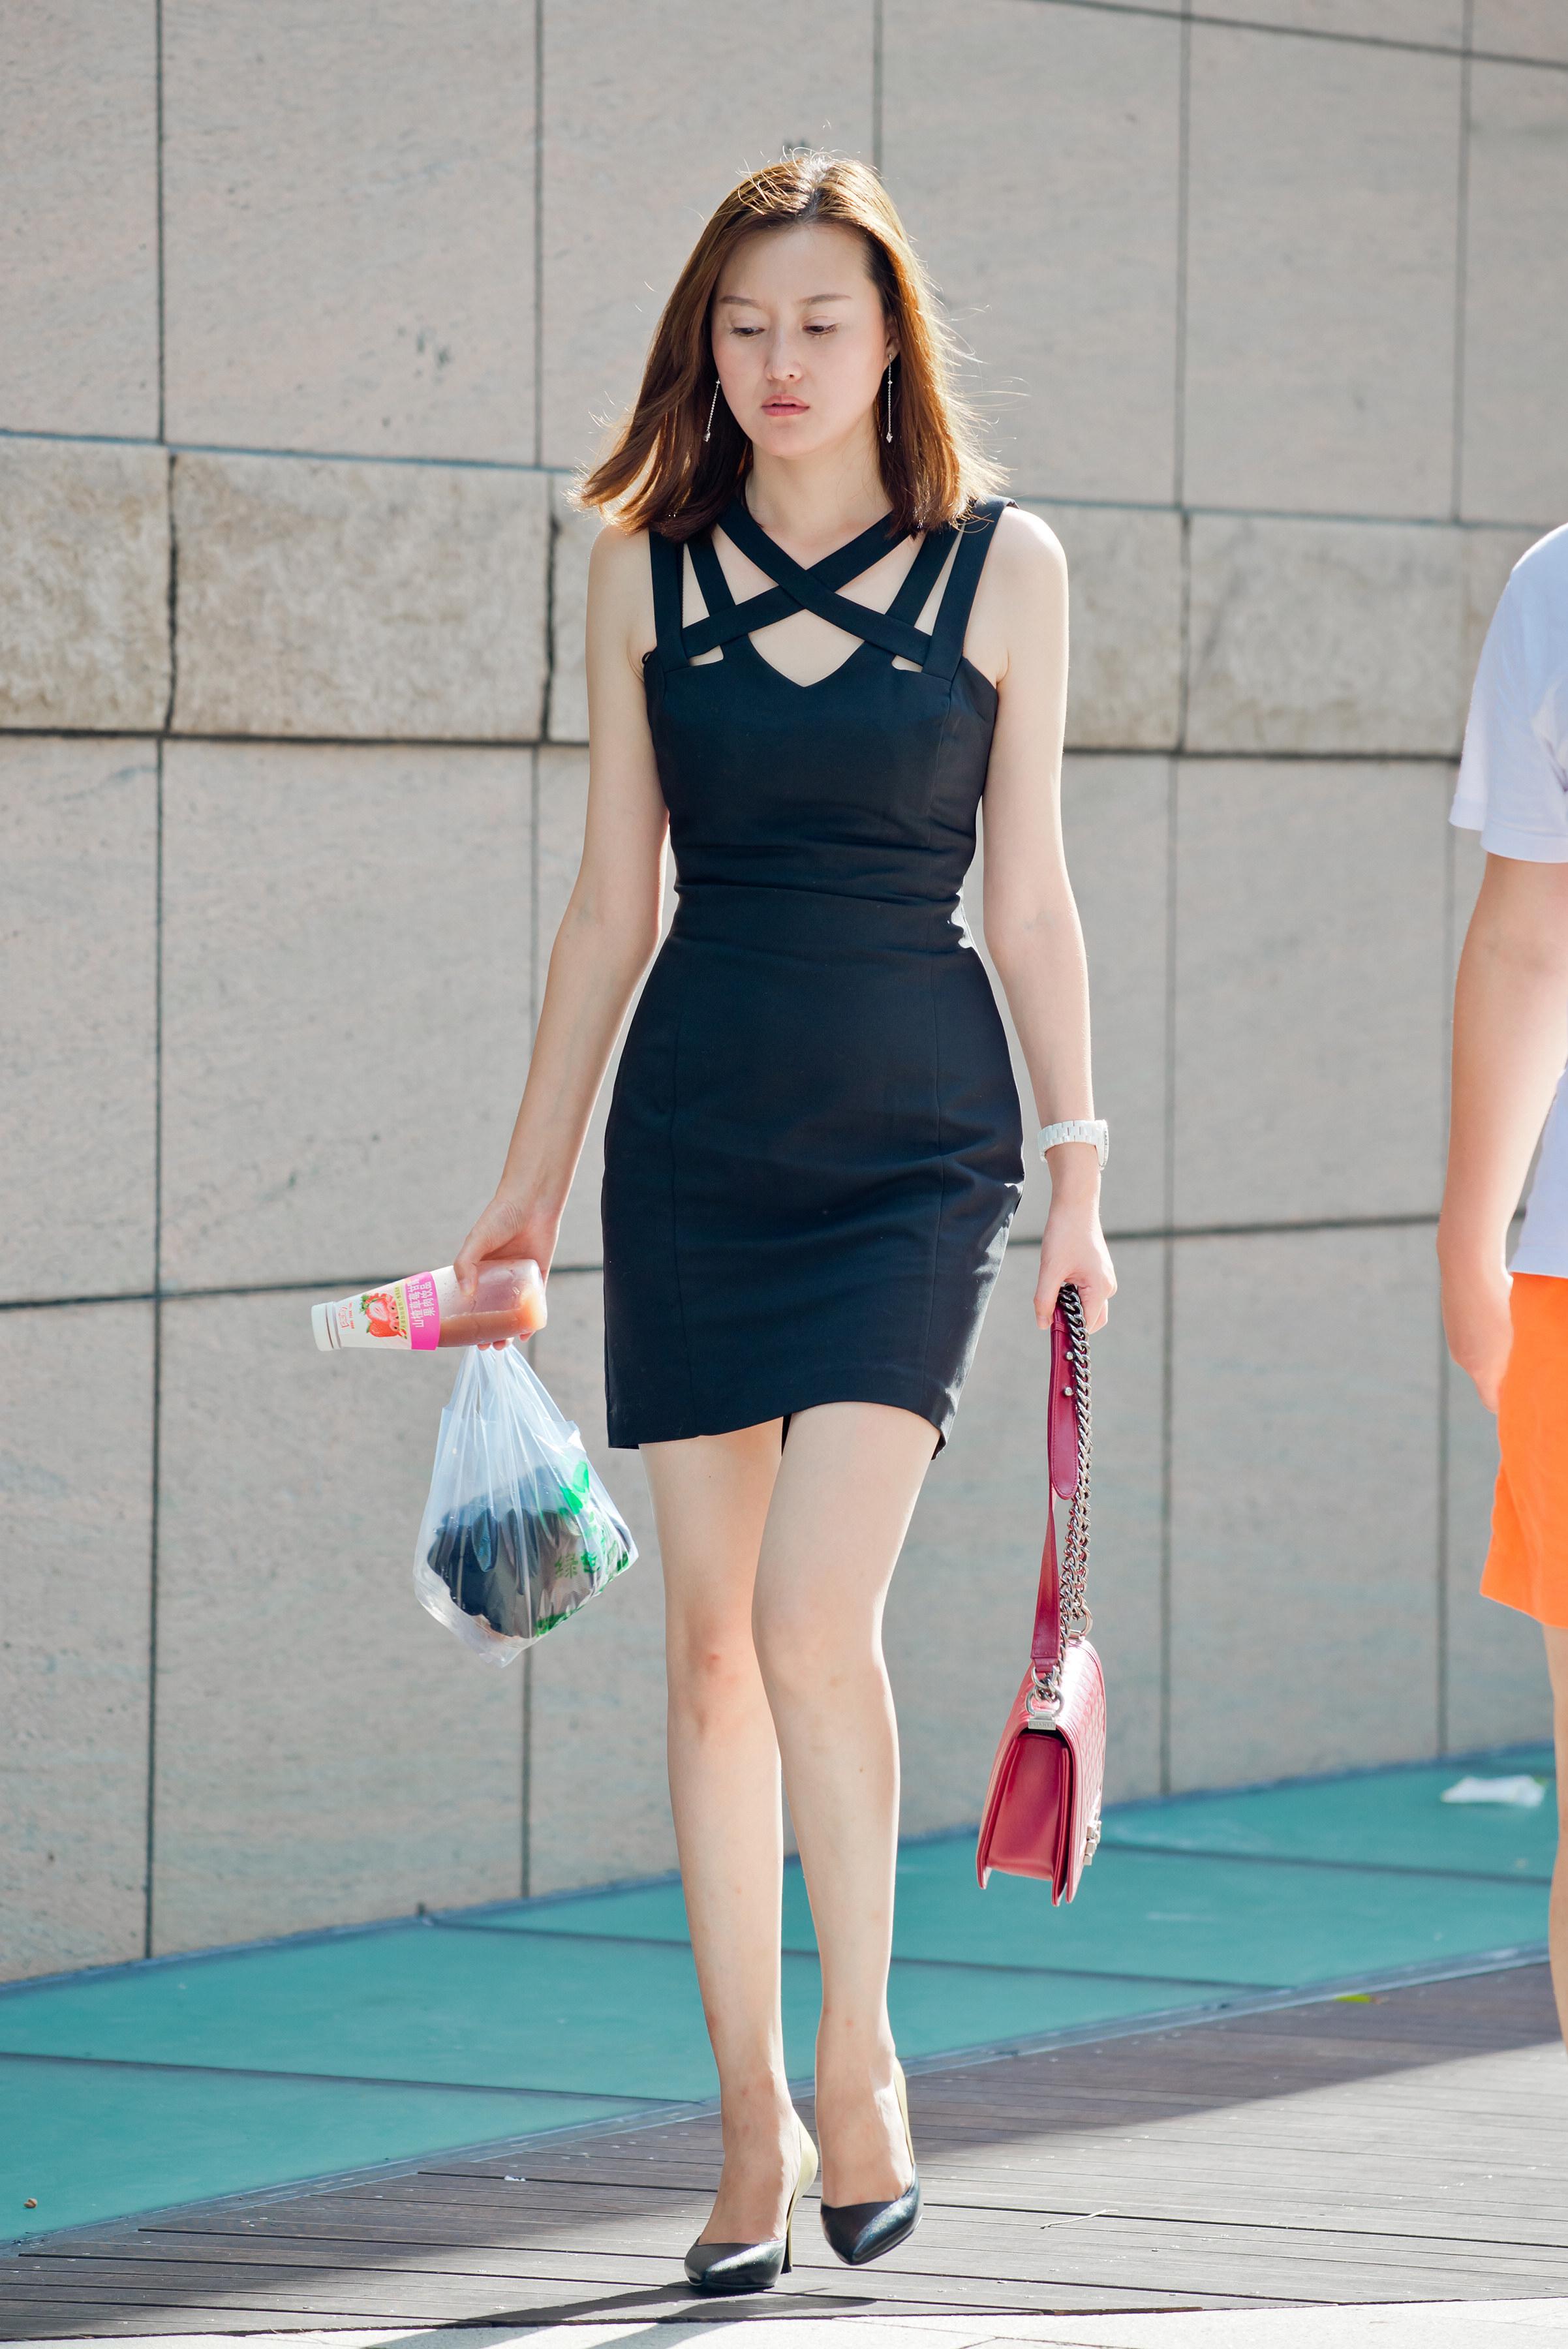 街拍:漂亮的黑裙高跟美女,白嫩肌肤,高挑身材_搜狐时尚_搜狐网